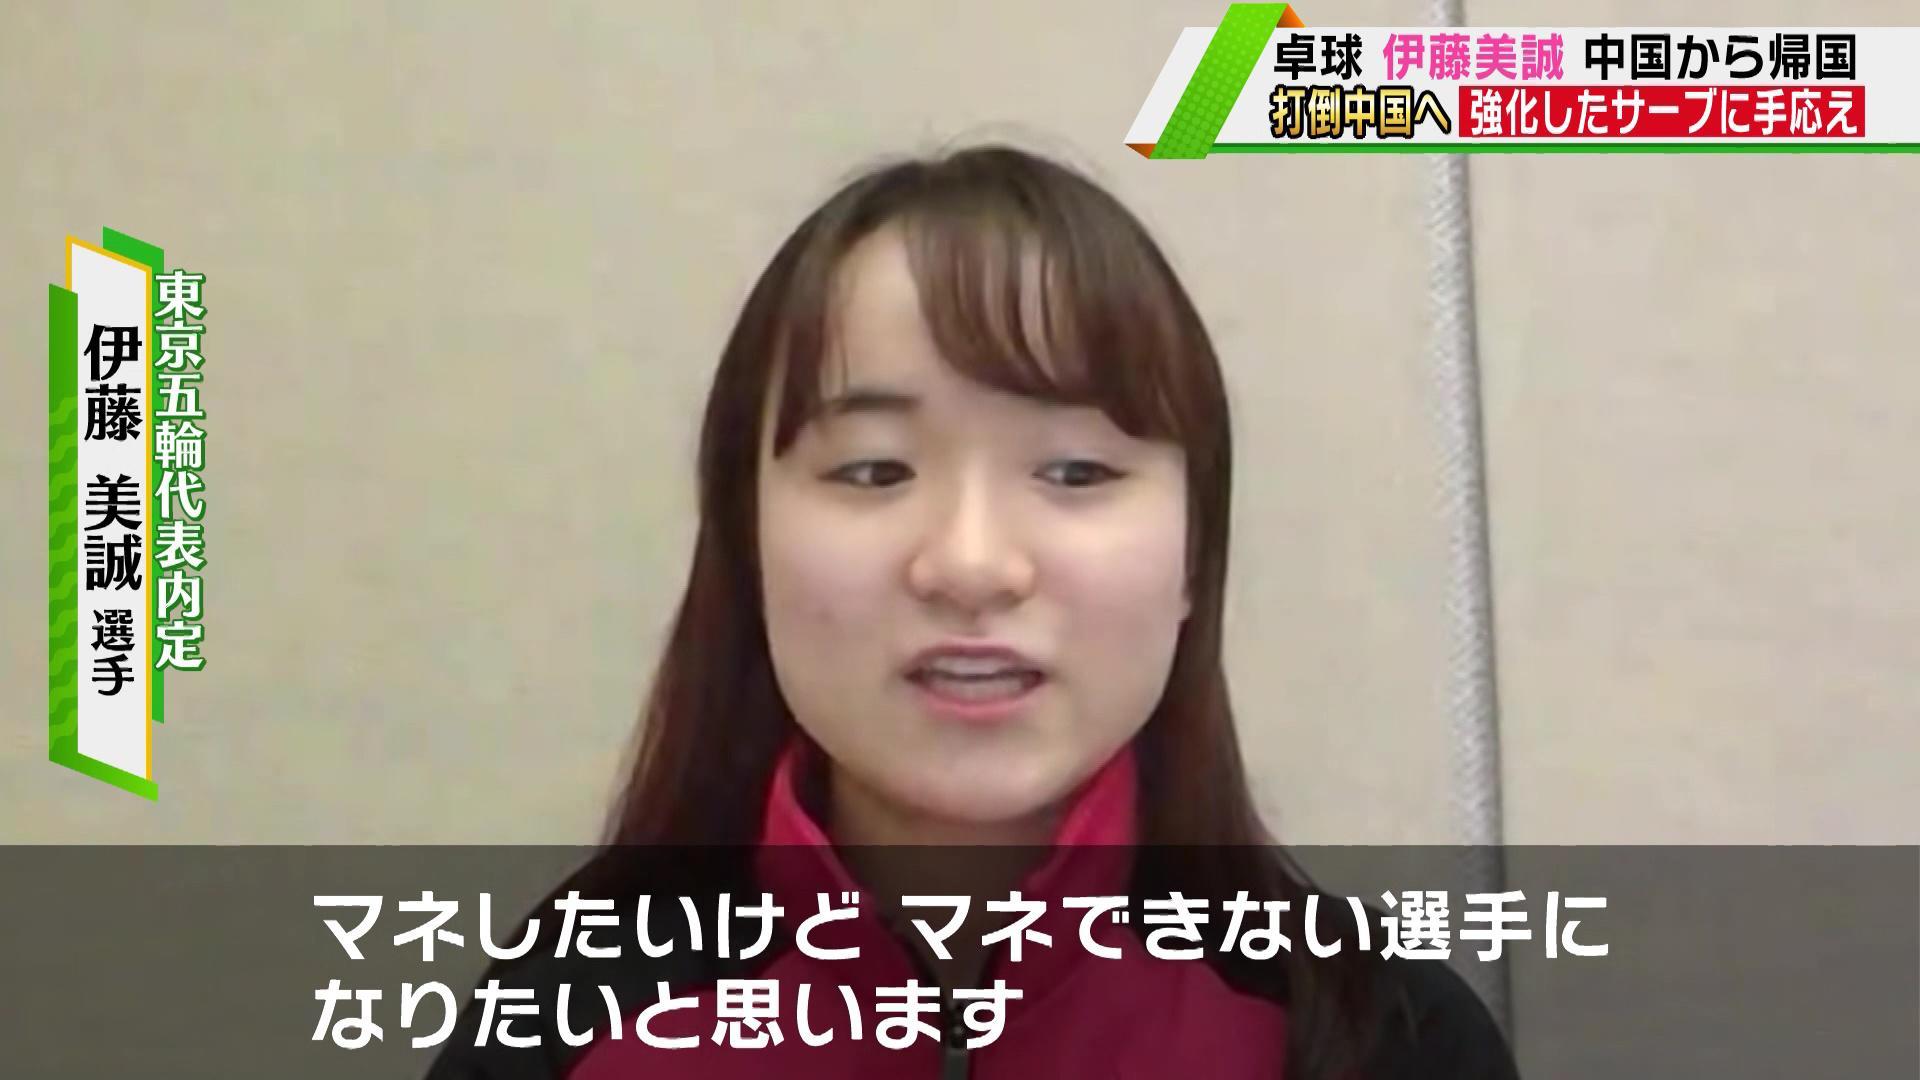 伊藤美誠 中国から帰国 打倒中国へ 強化したサーブに手応え「マネできない選手になりたい」